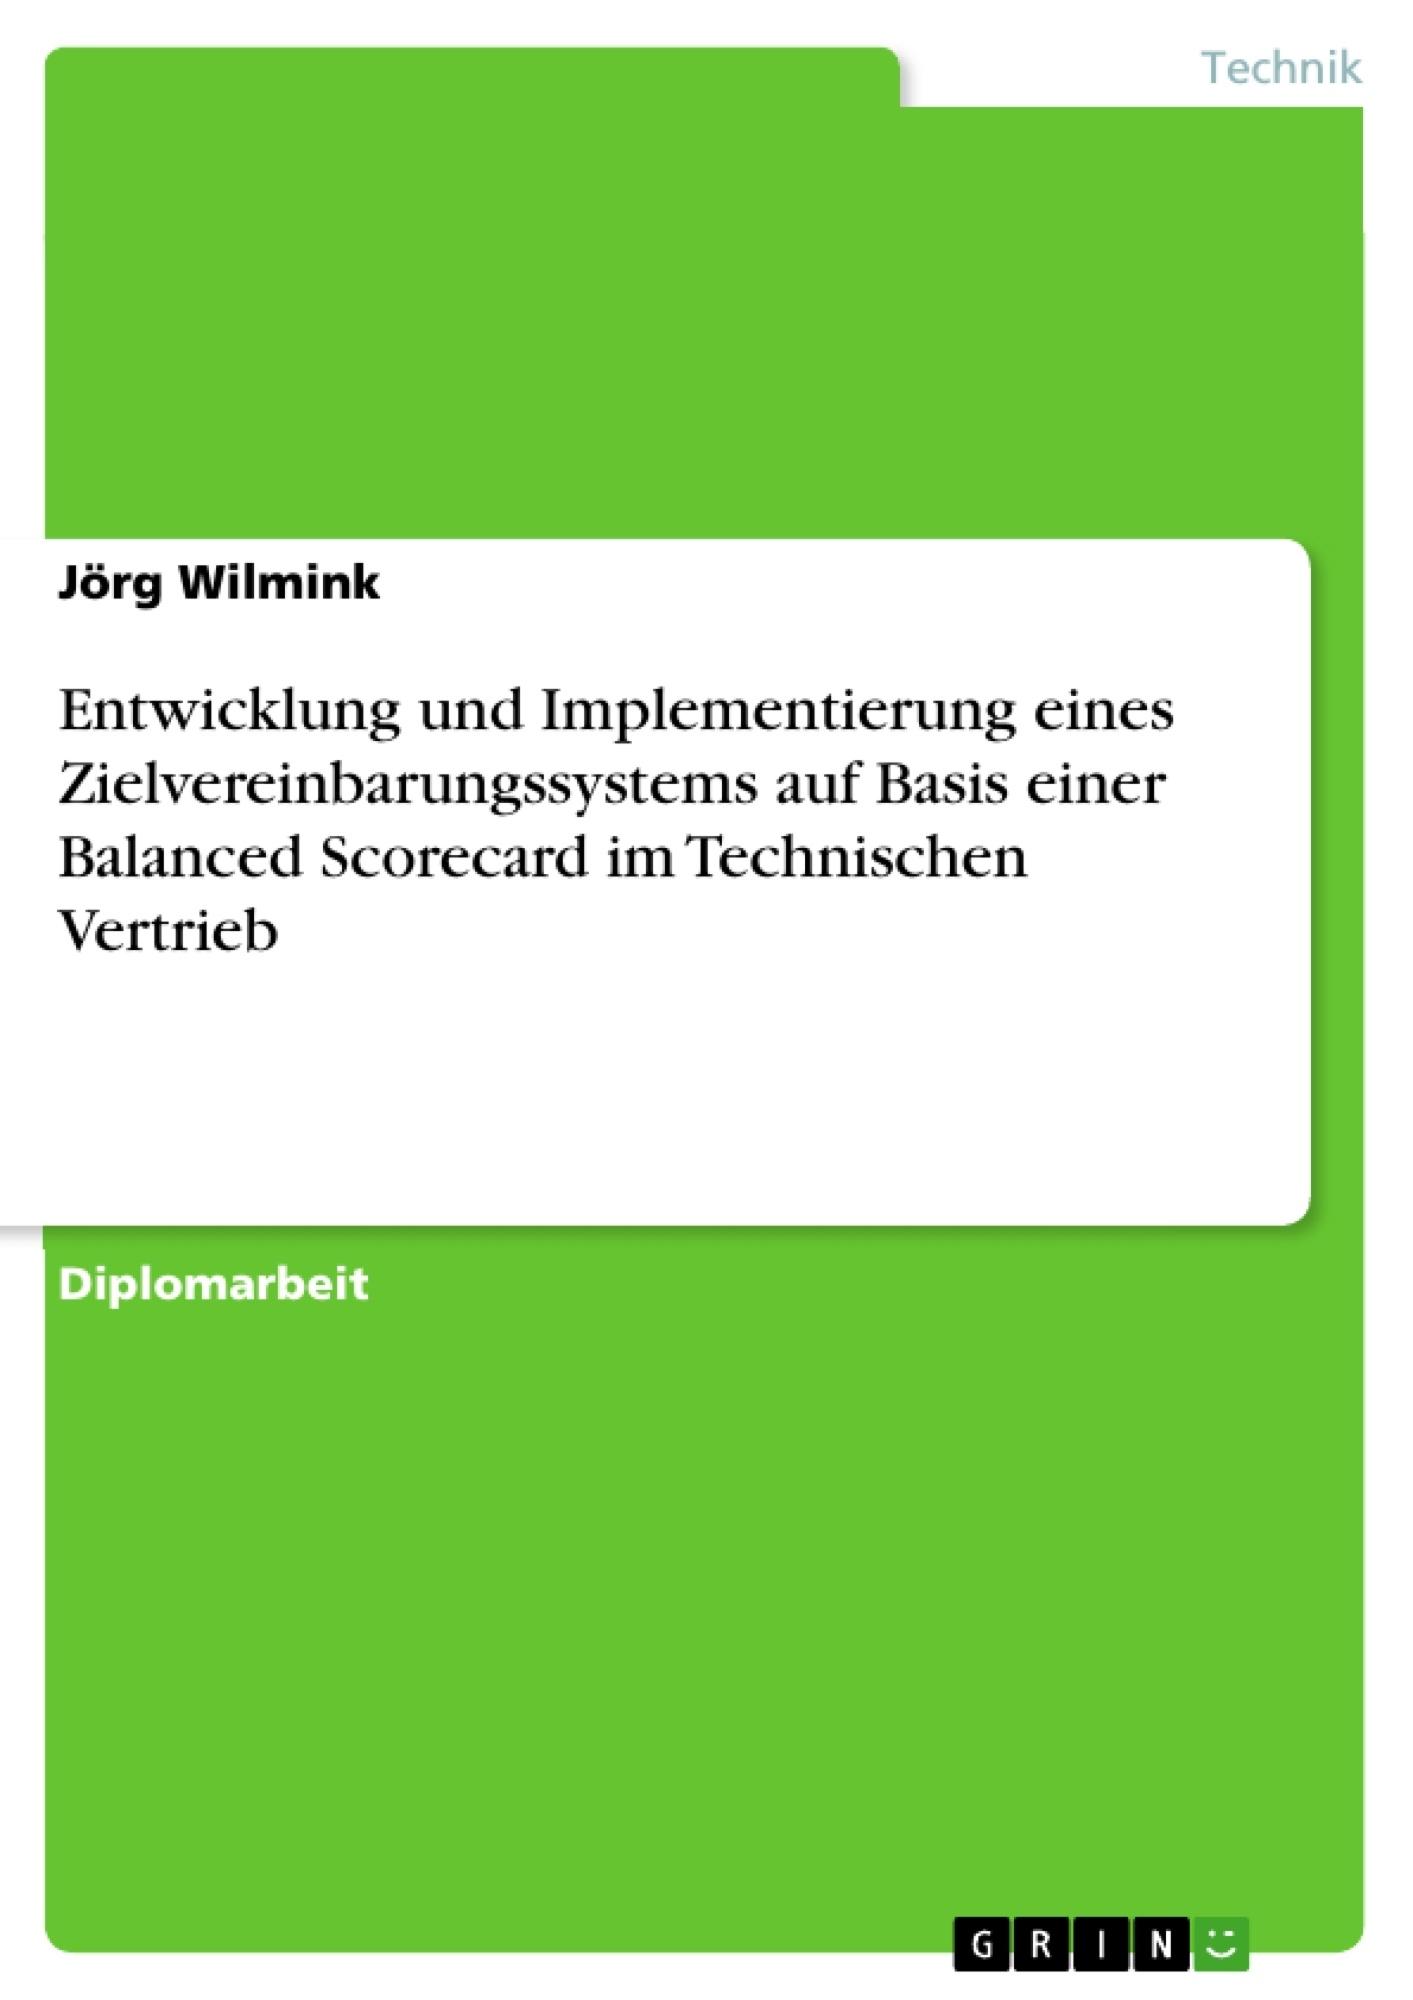 Titel: Entwicklung und Implementierung eines Zielvereinbarungssystems auf Basis einer Balanced Scorecard im Technischen Vertrieb